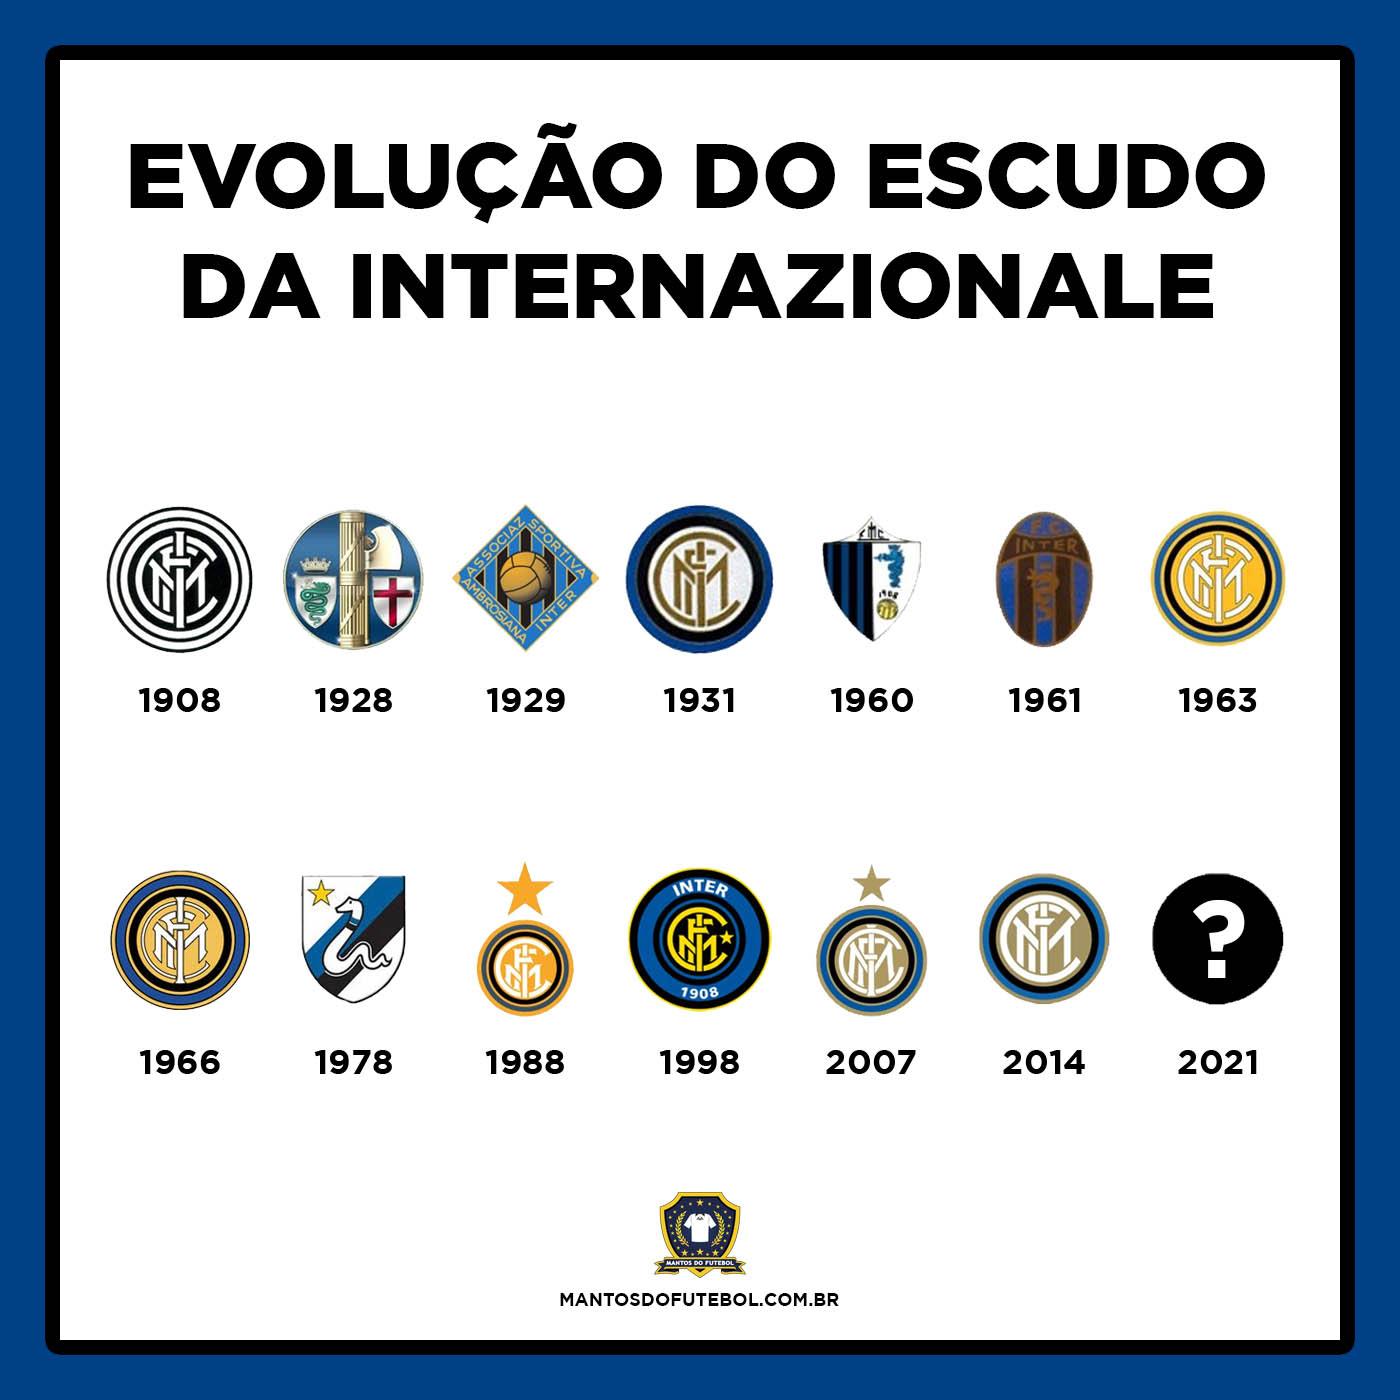 Evolução do escudo da Internazionale